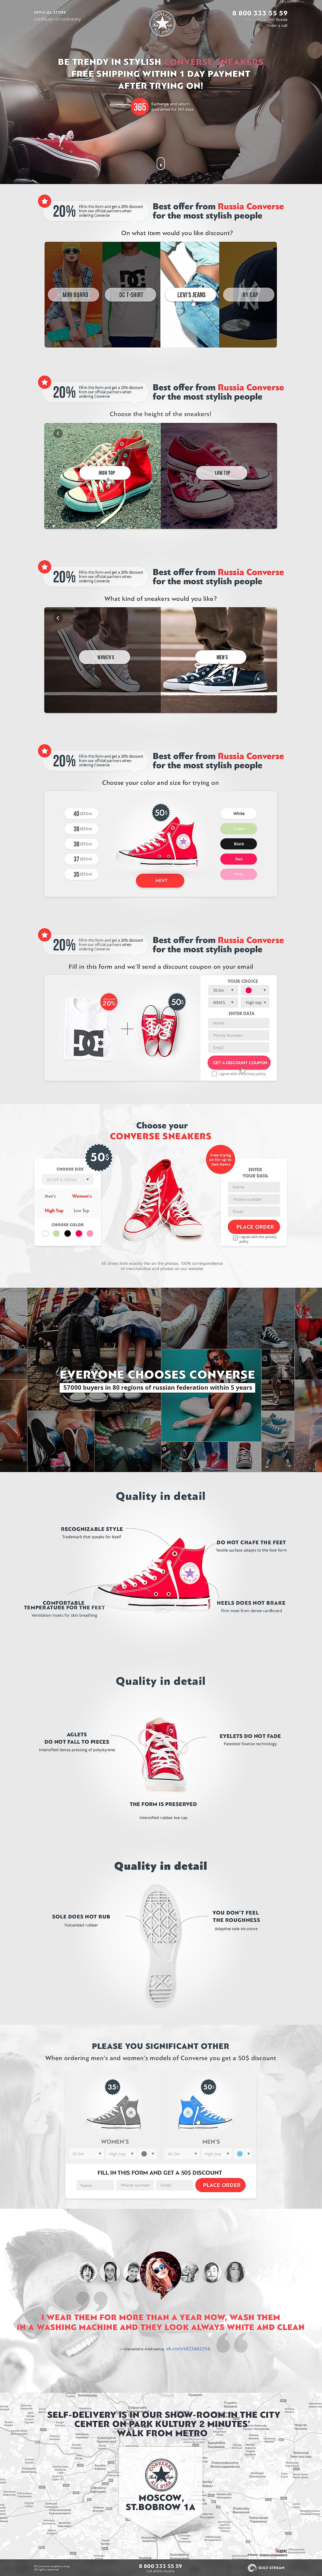 Converse (langing page)